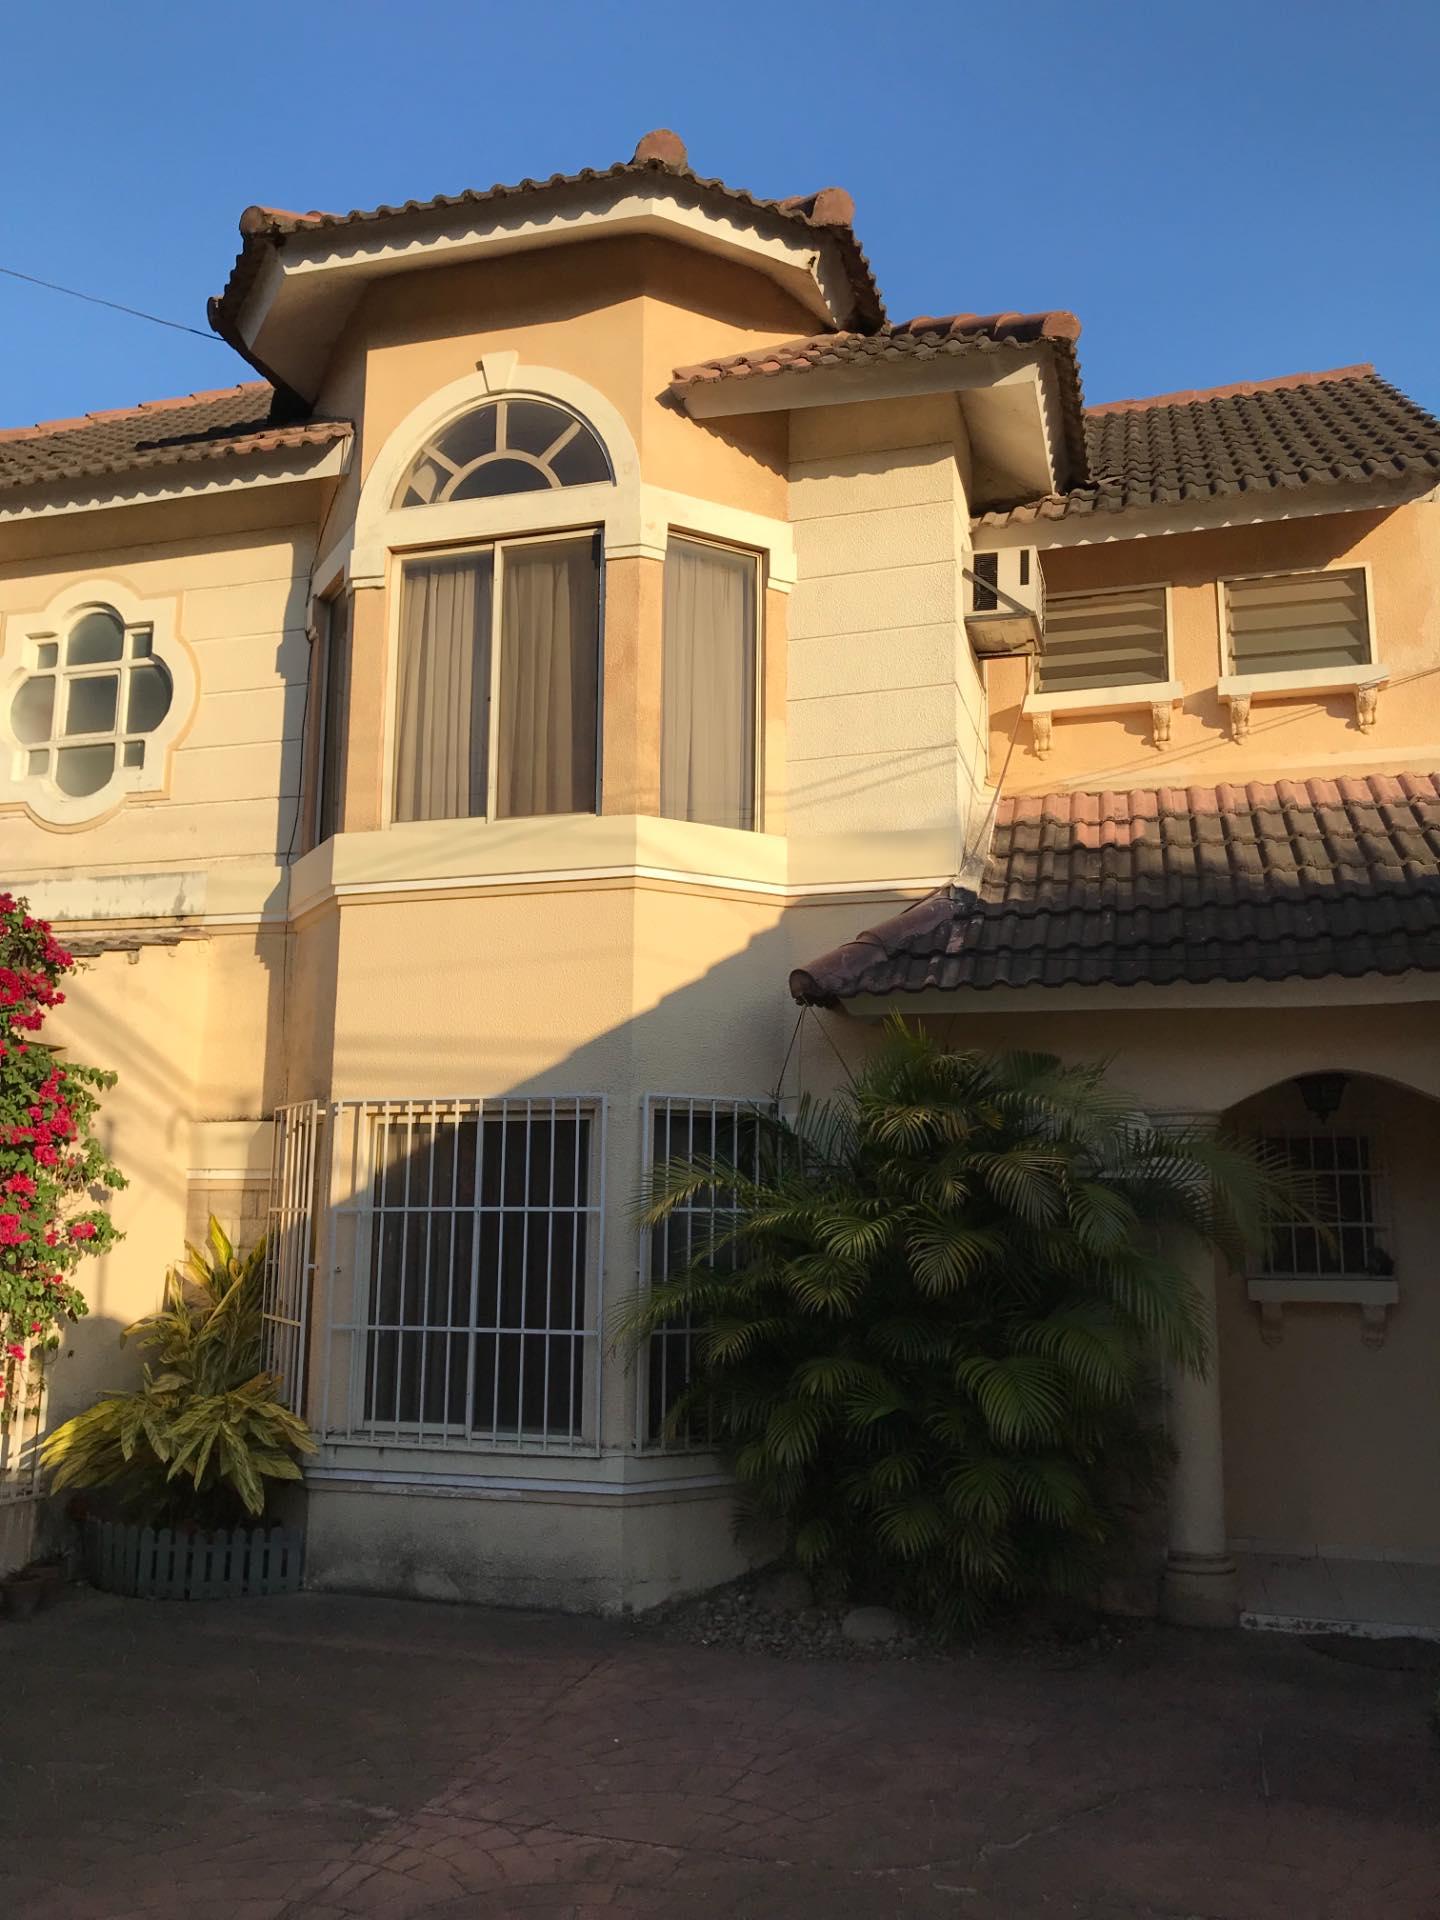 Casa en Alquiler Av. La Barranca barrio El Trompillo Alcaya #300 esq. Zoilo flores  Foto 4